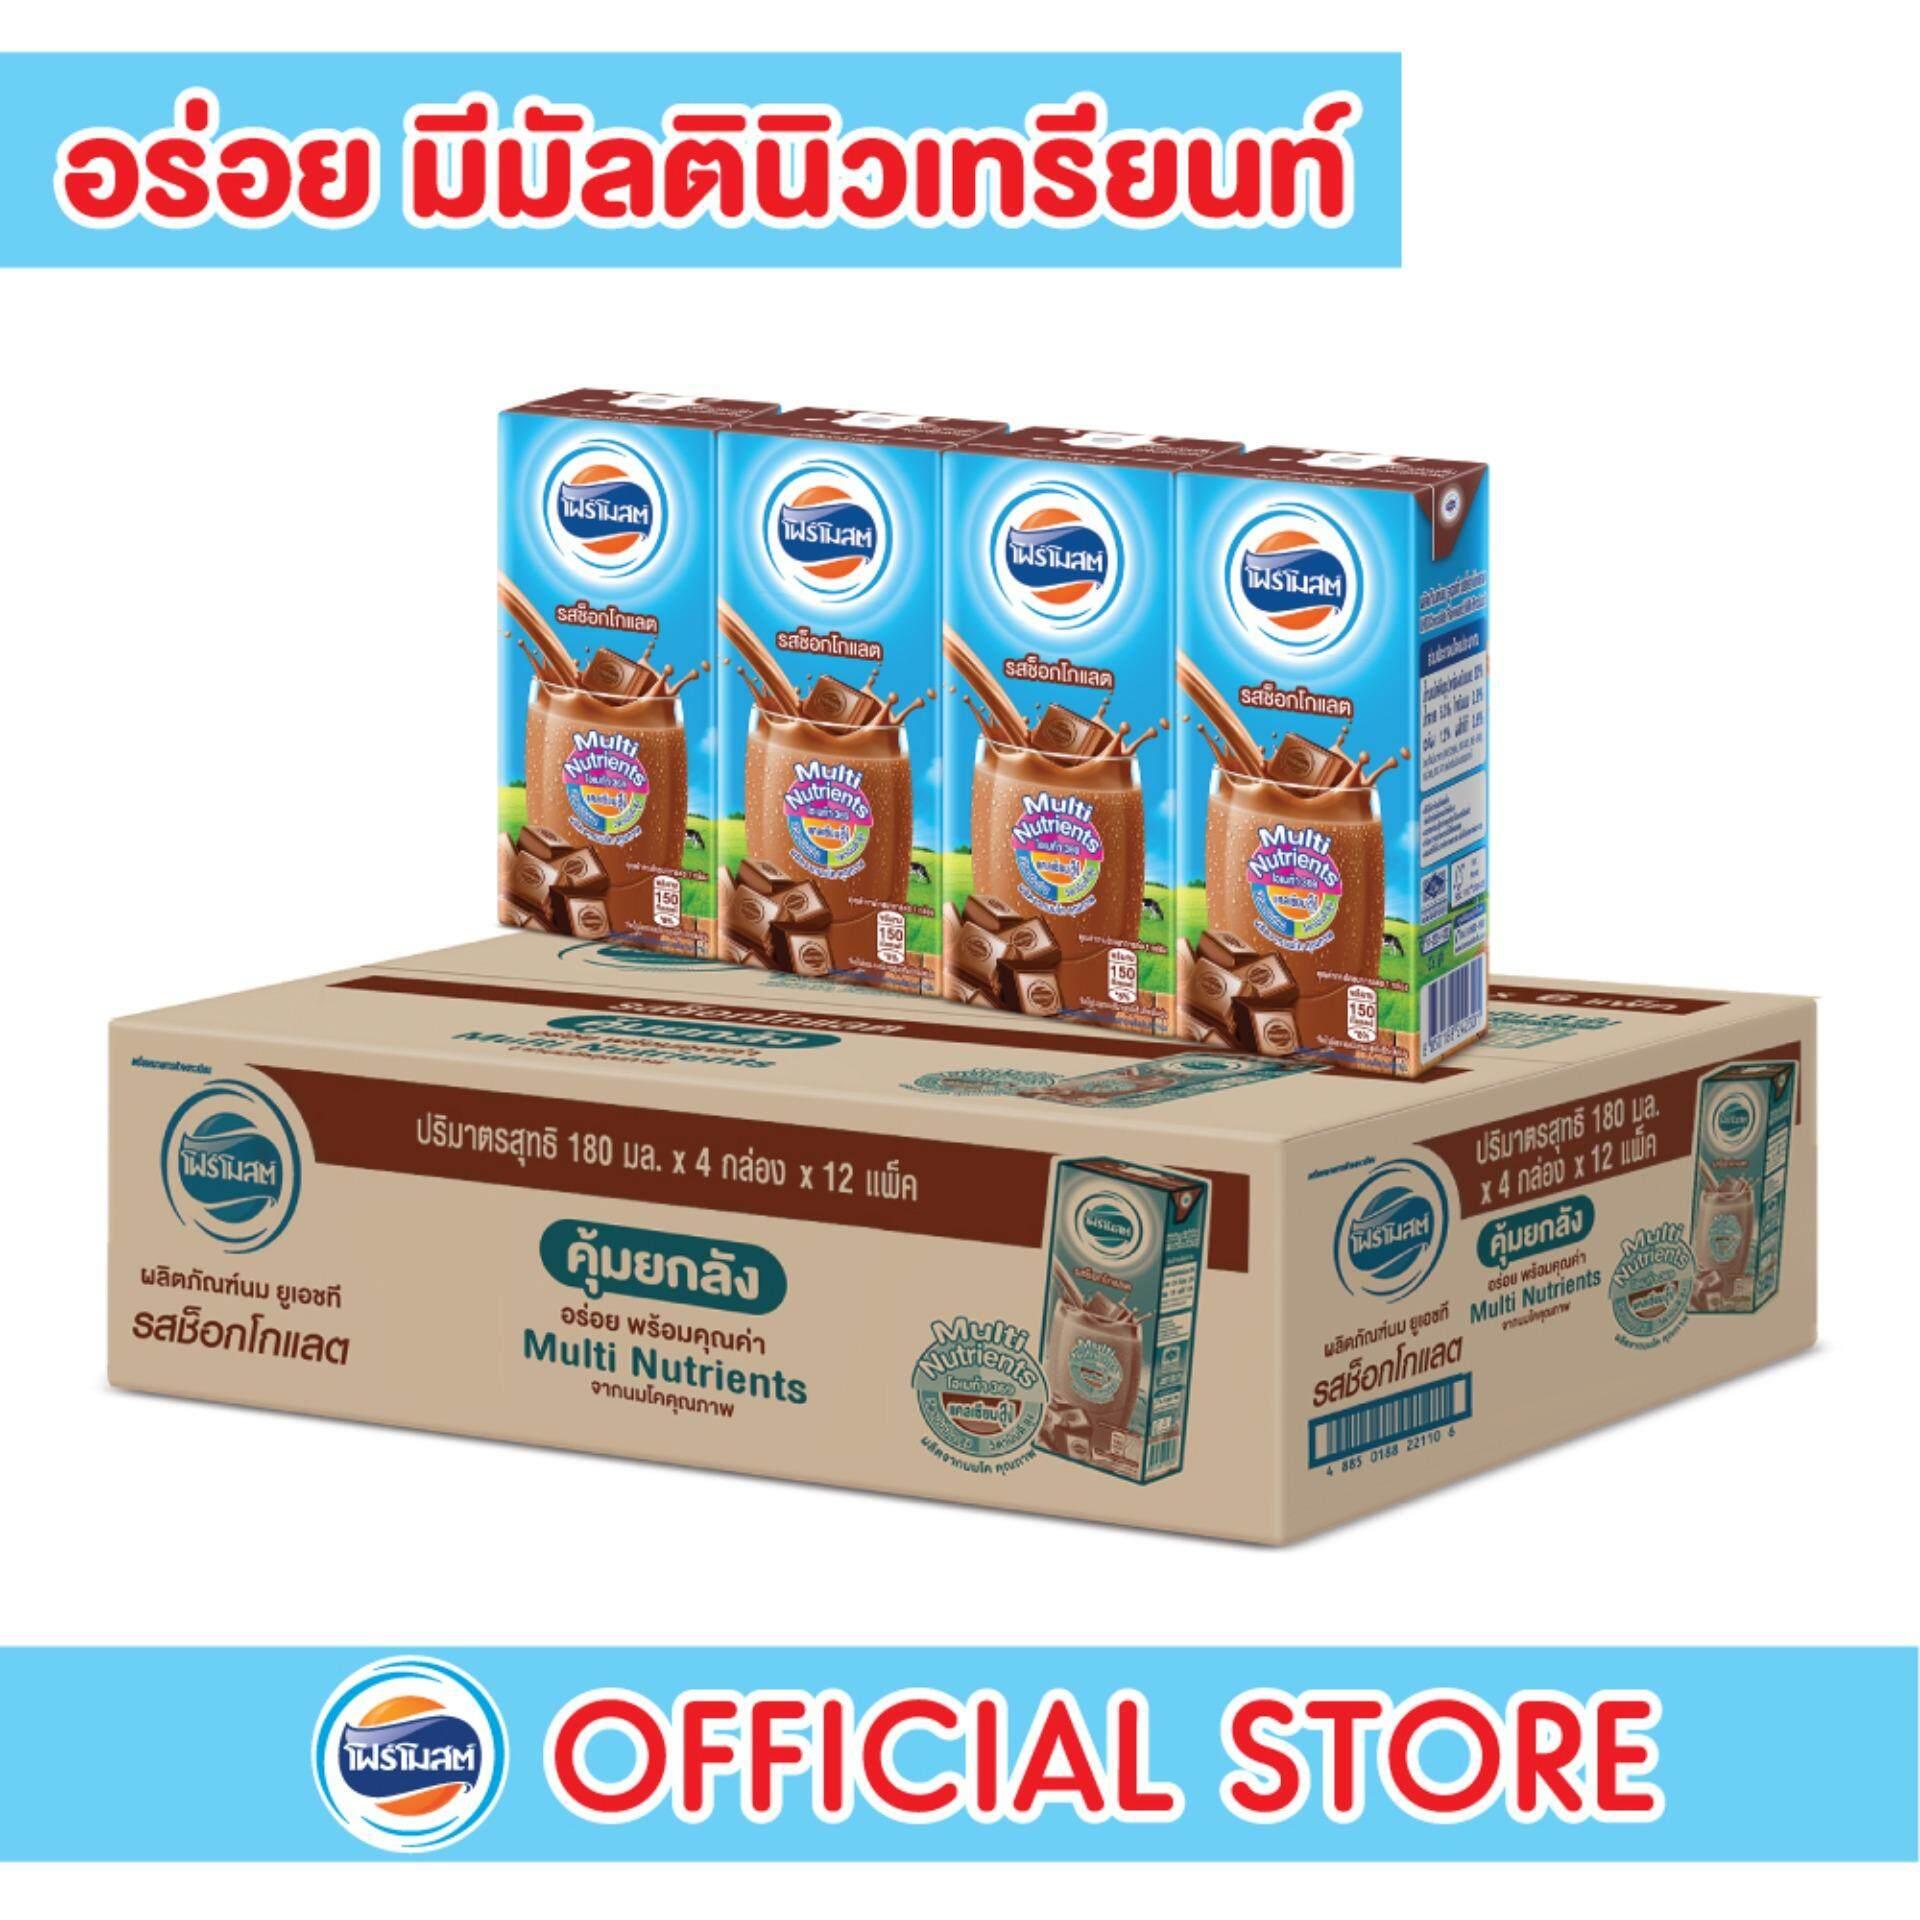 โฟร์โมสต์นมuht รสช็อคโกแลต 180มล. (48กล่อง/ลัง) By Lazada Retail Foremost.